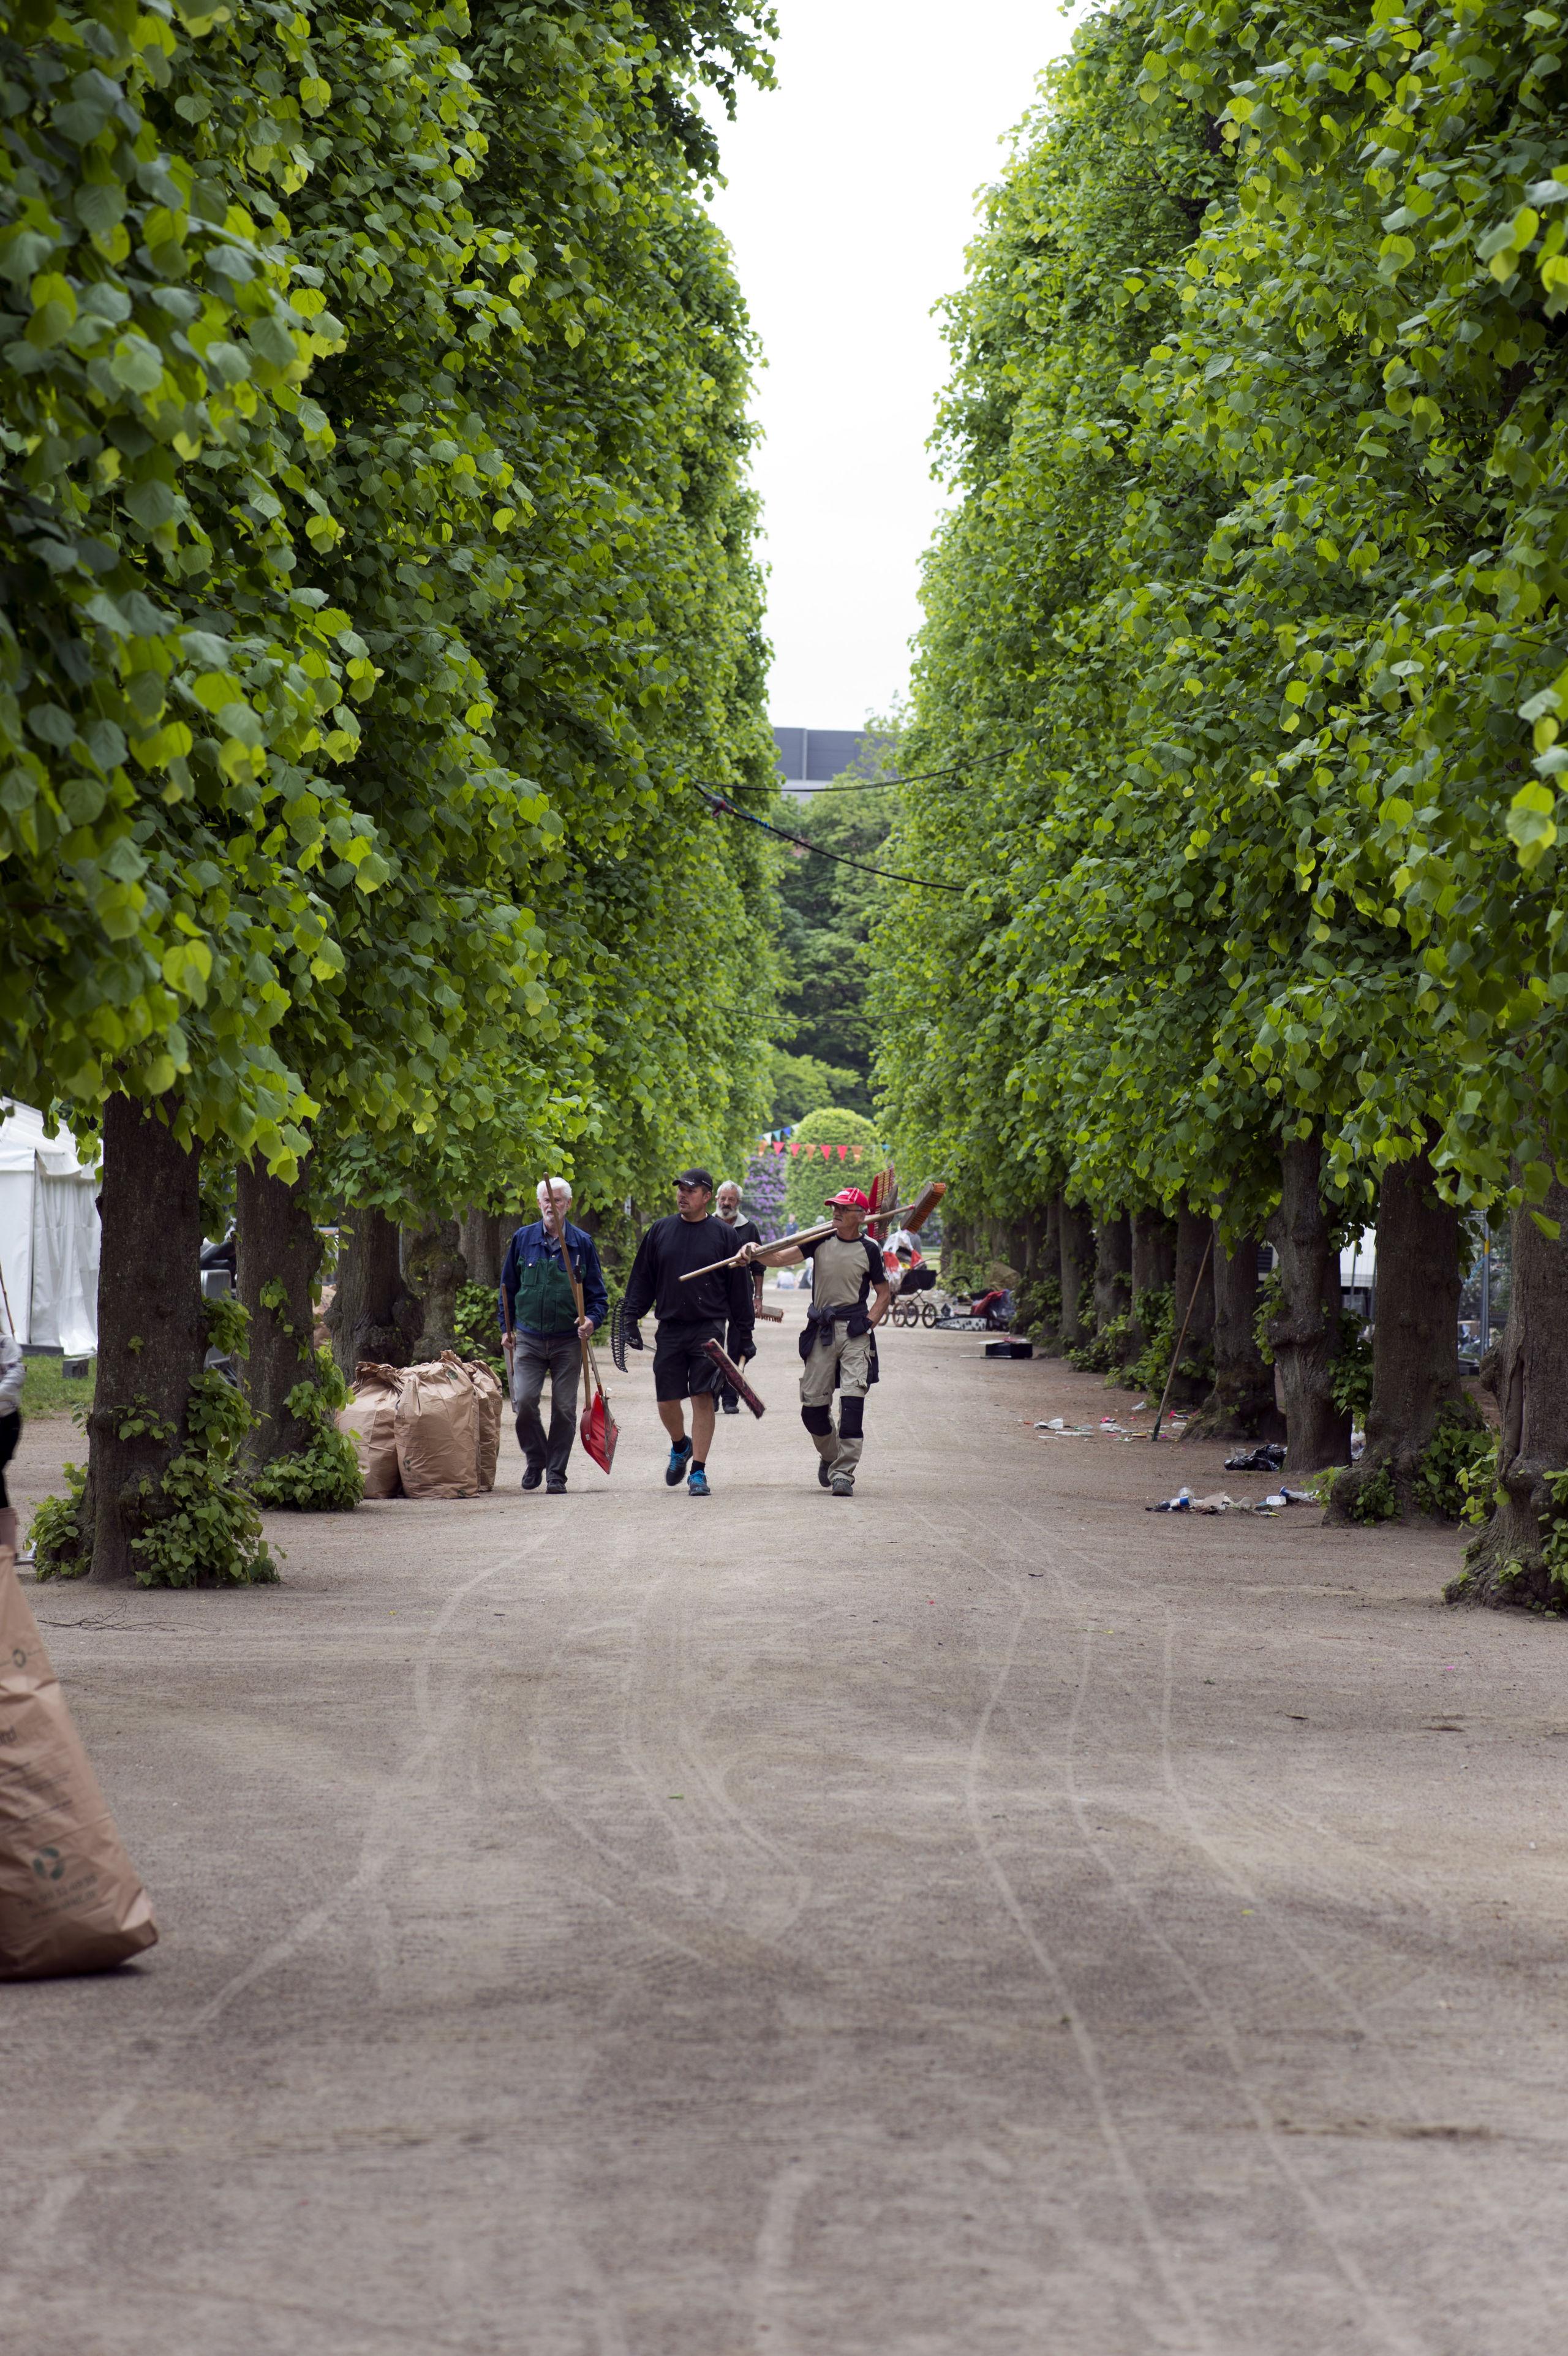 Aalborg opgiver fredning af Kilde-parken: - Men hvad så med de gamle træer?